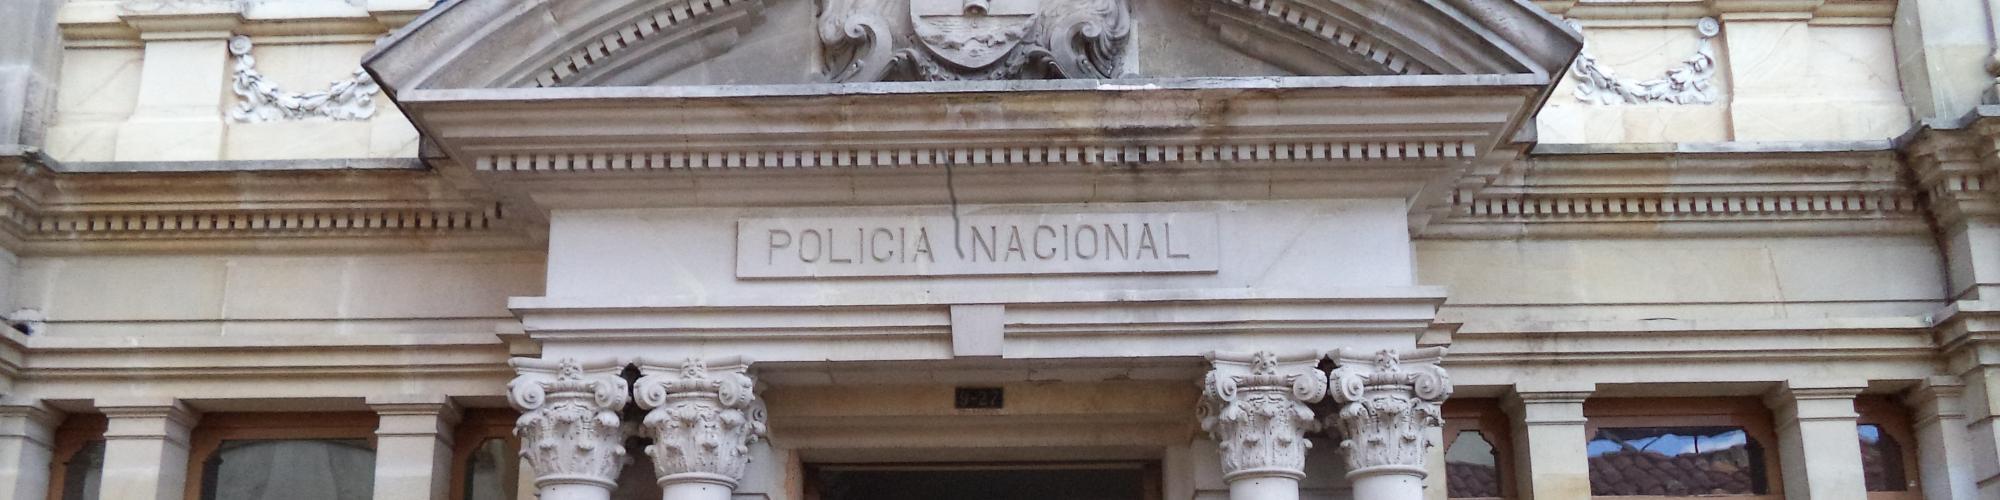 Museo Histórico de la Policía Nacional